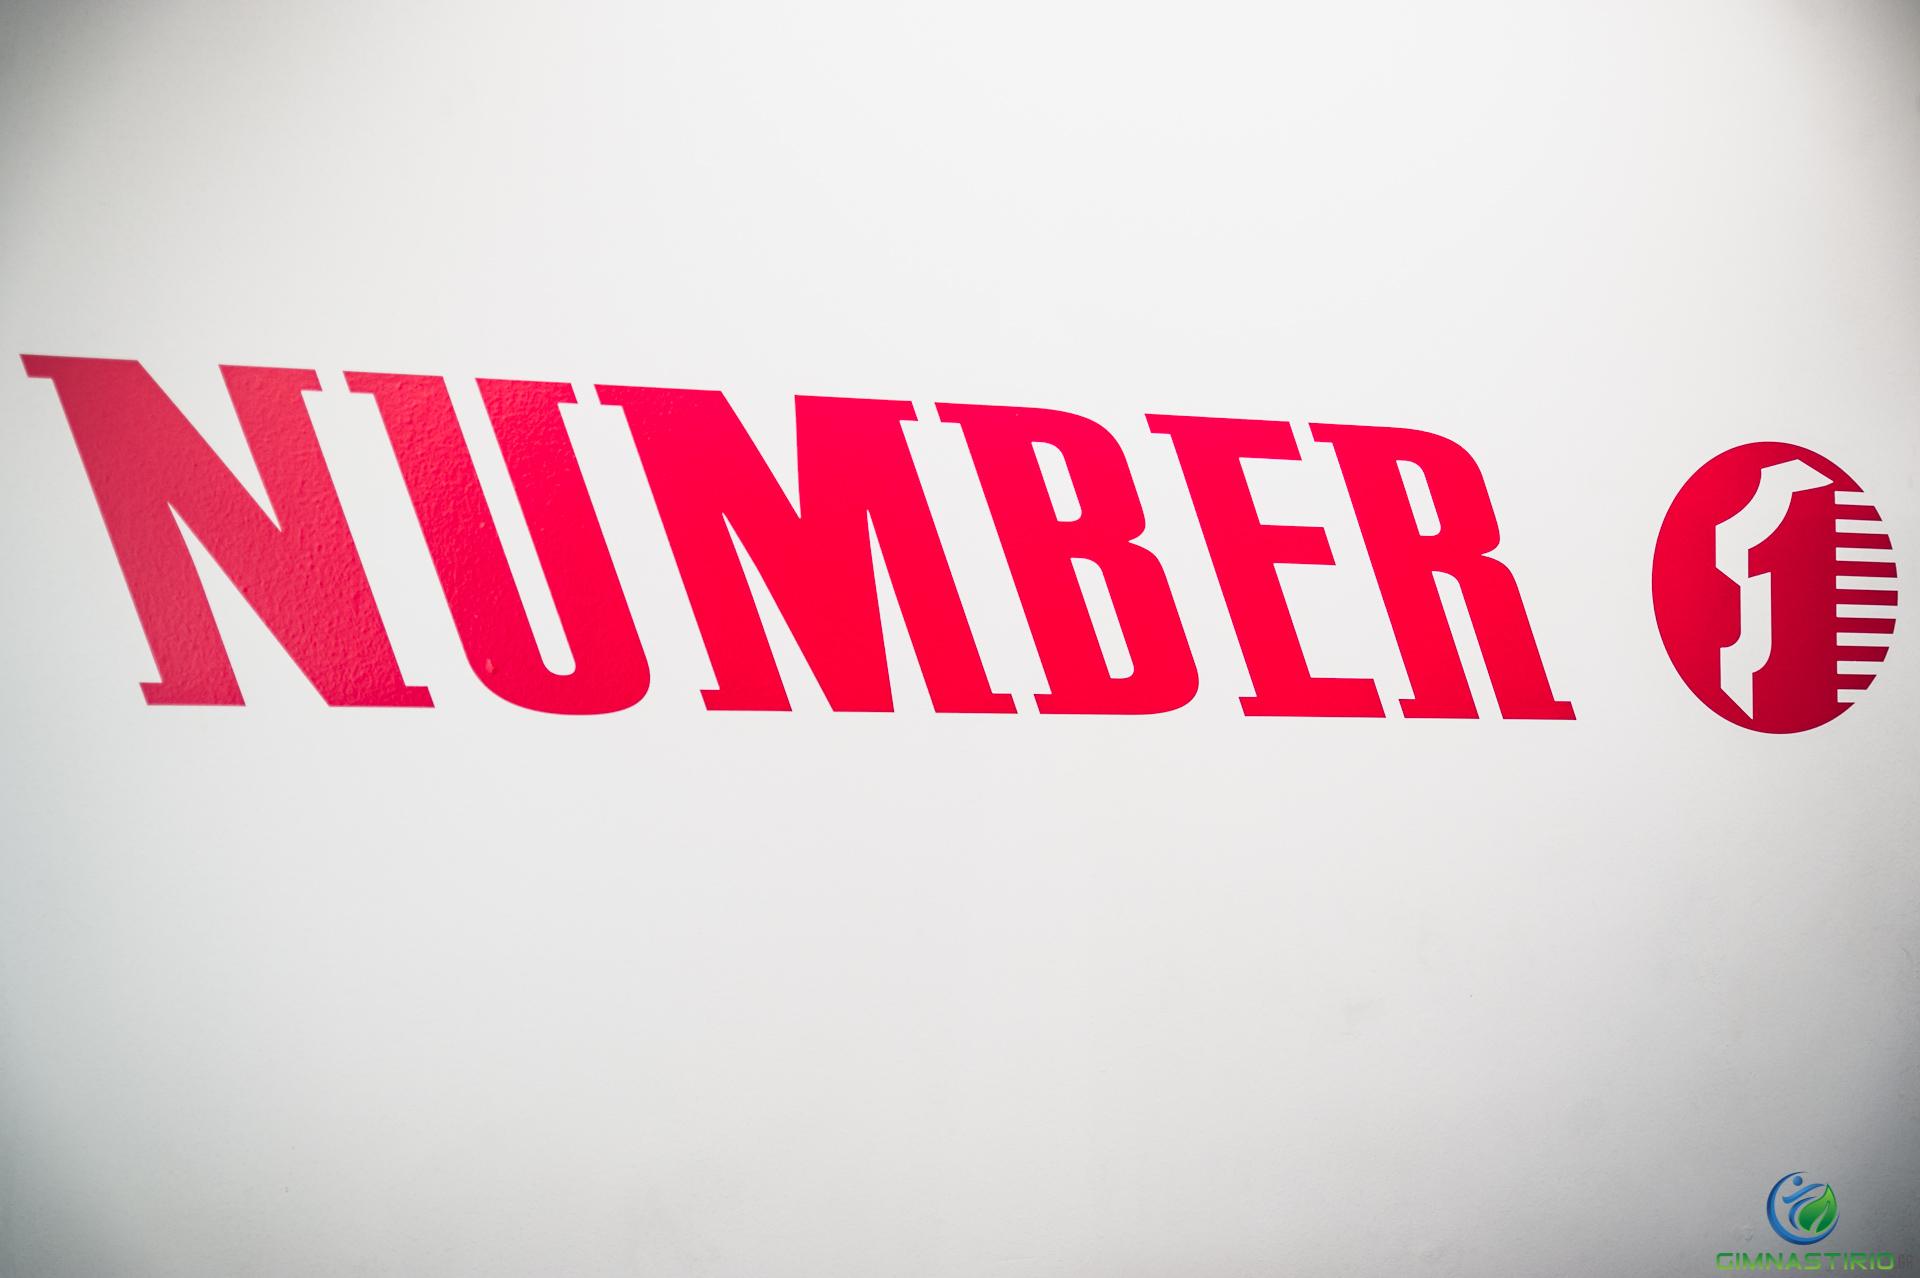 49€ για δώδεκα (12) συνεδρίες Pilates Reformer σε Group έως 6 άτομα στο νεοσύστατο Personal Studio Be the one Number1 στην Ηλιούπολη! Αρχικής αξίας 100€ - Έκπτωση 51%